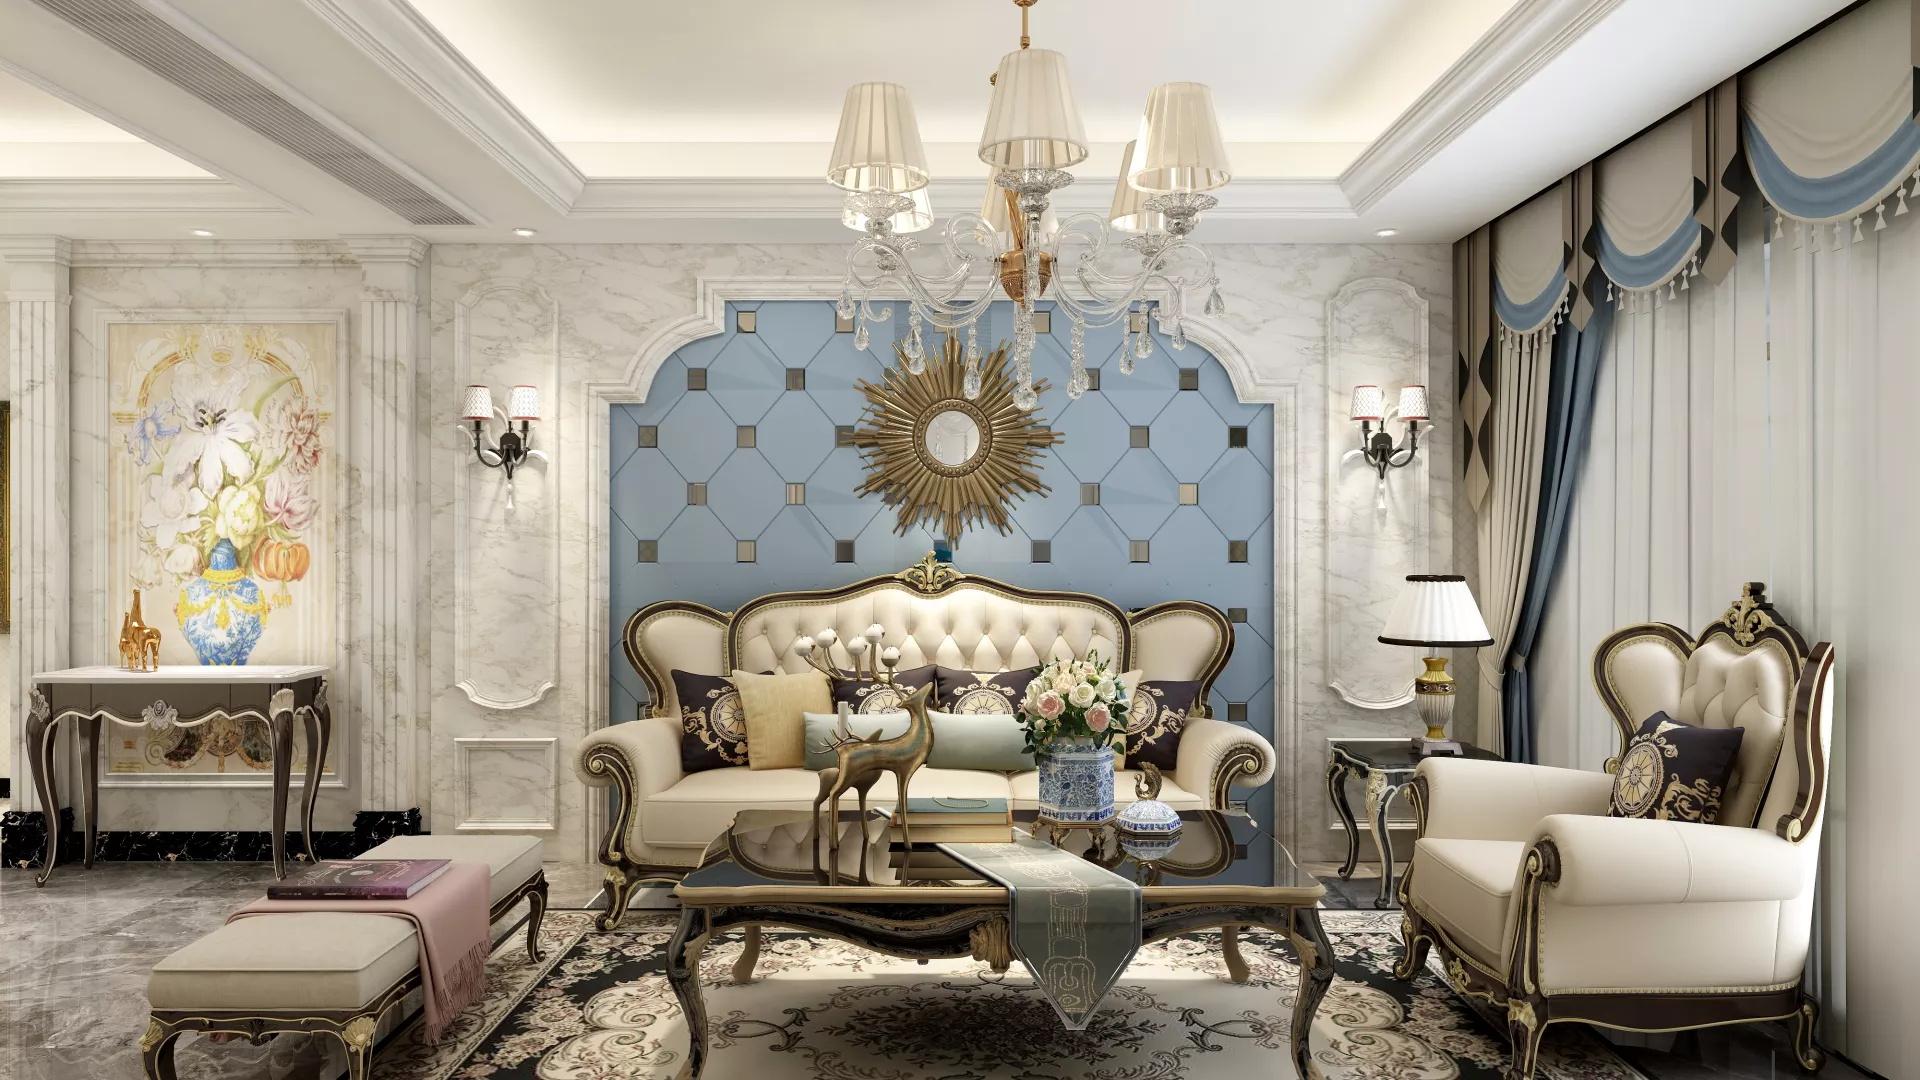 客厅飘窗装修用什么材料好及窗帘搭配技巧